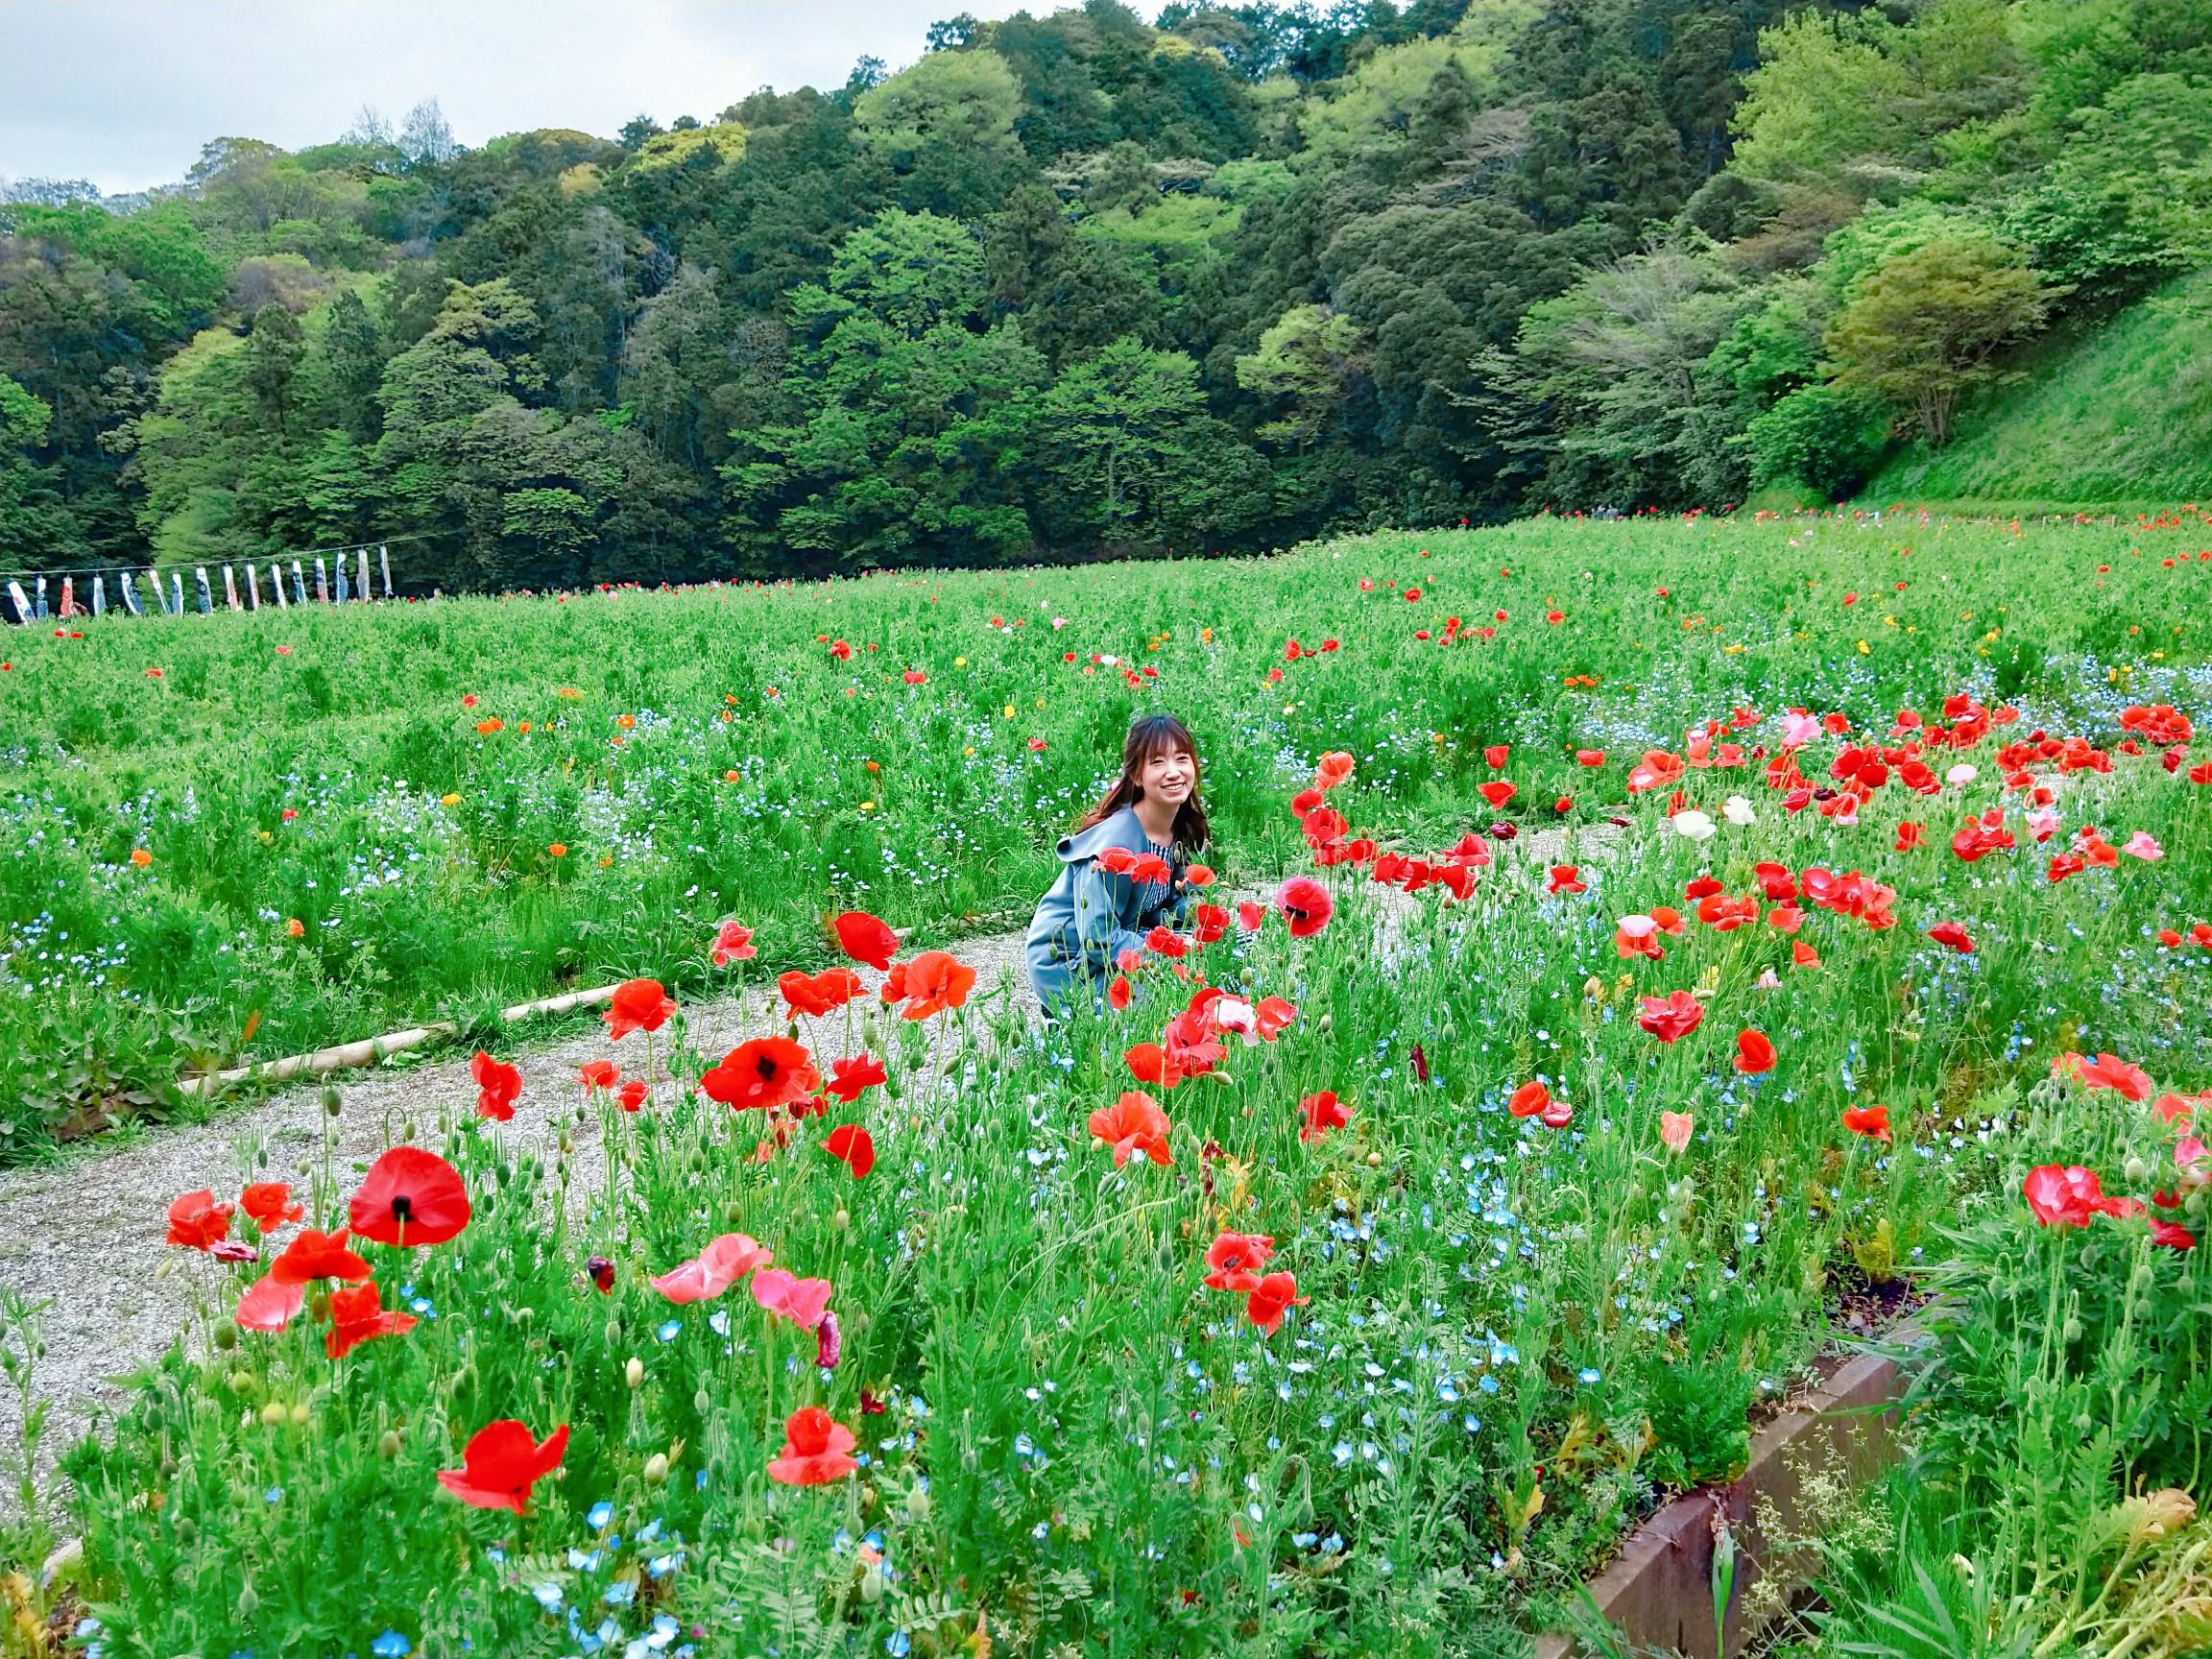 神奈川県でも見られる!ネモフィラ✿ポピー祭りも開催中!_4